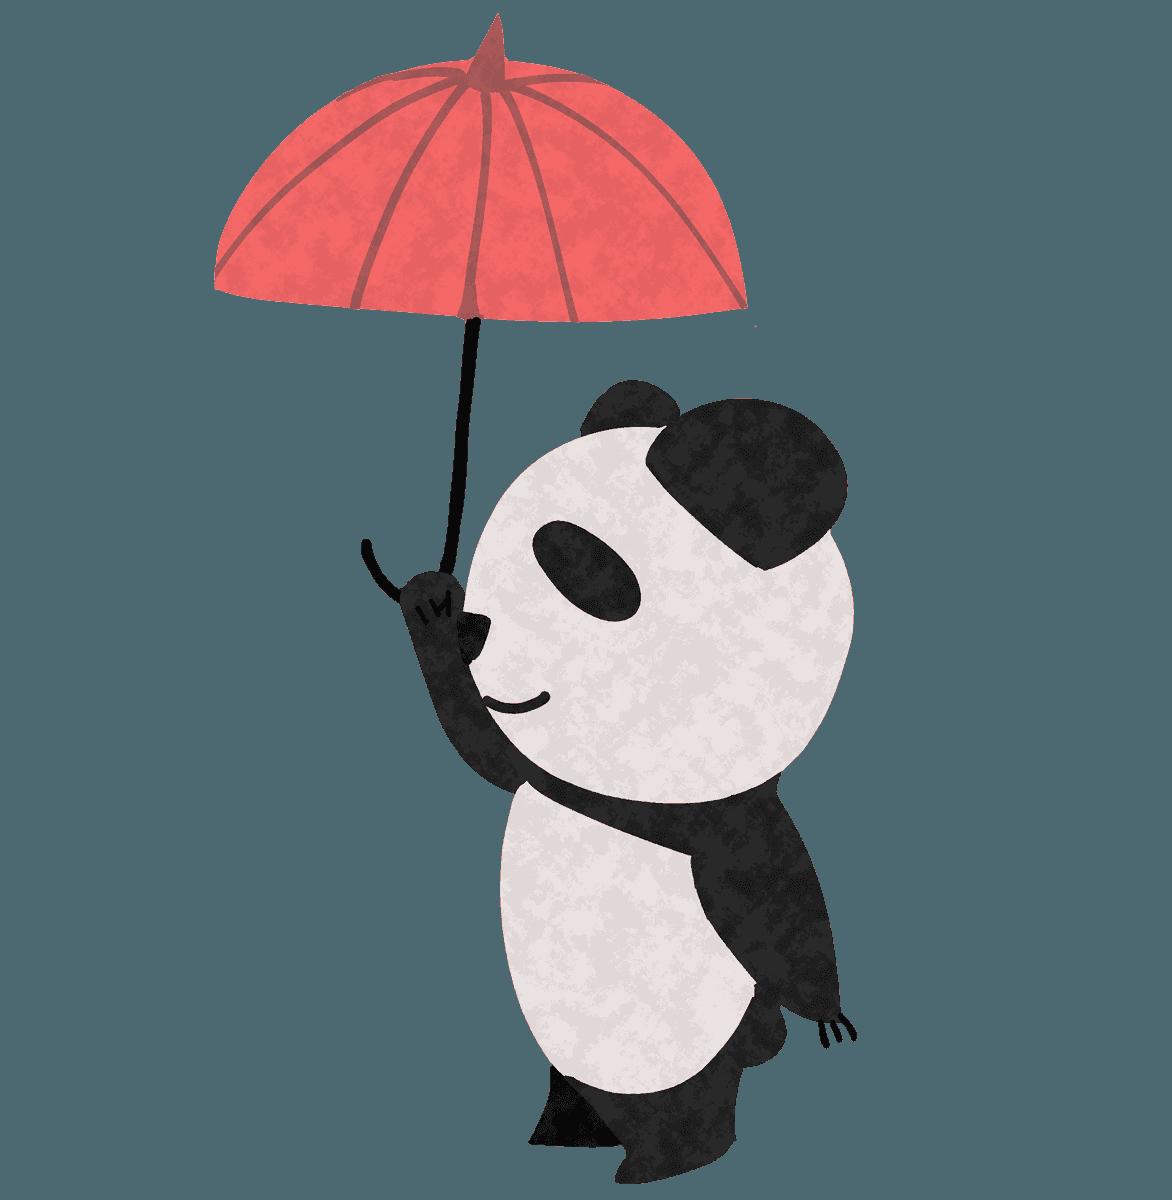 傘を上に掲げるパンダイラスト